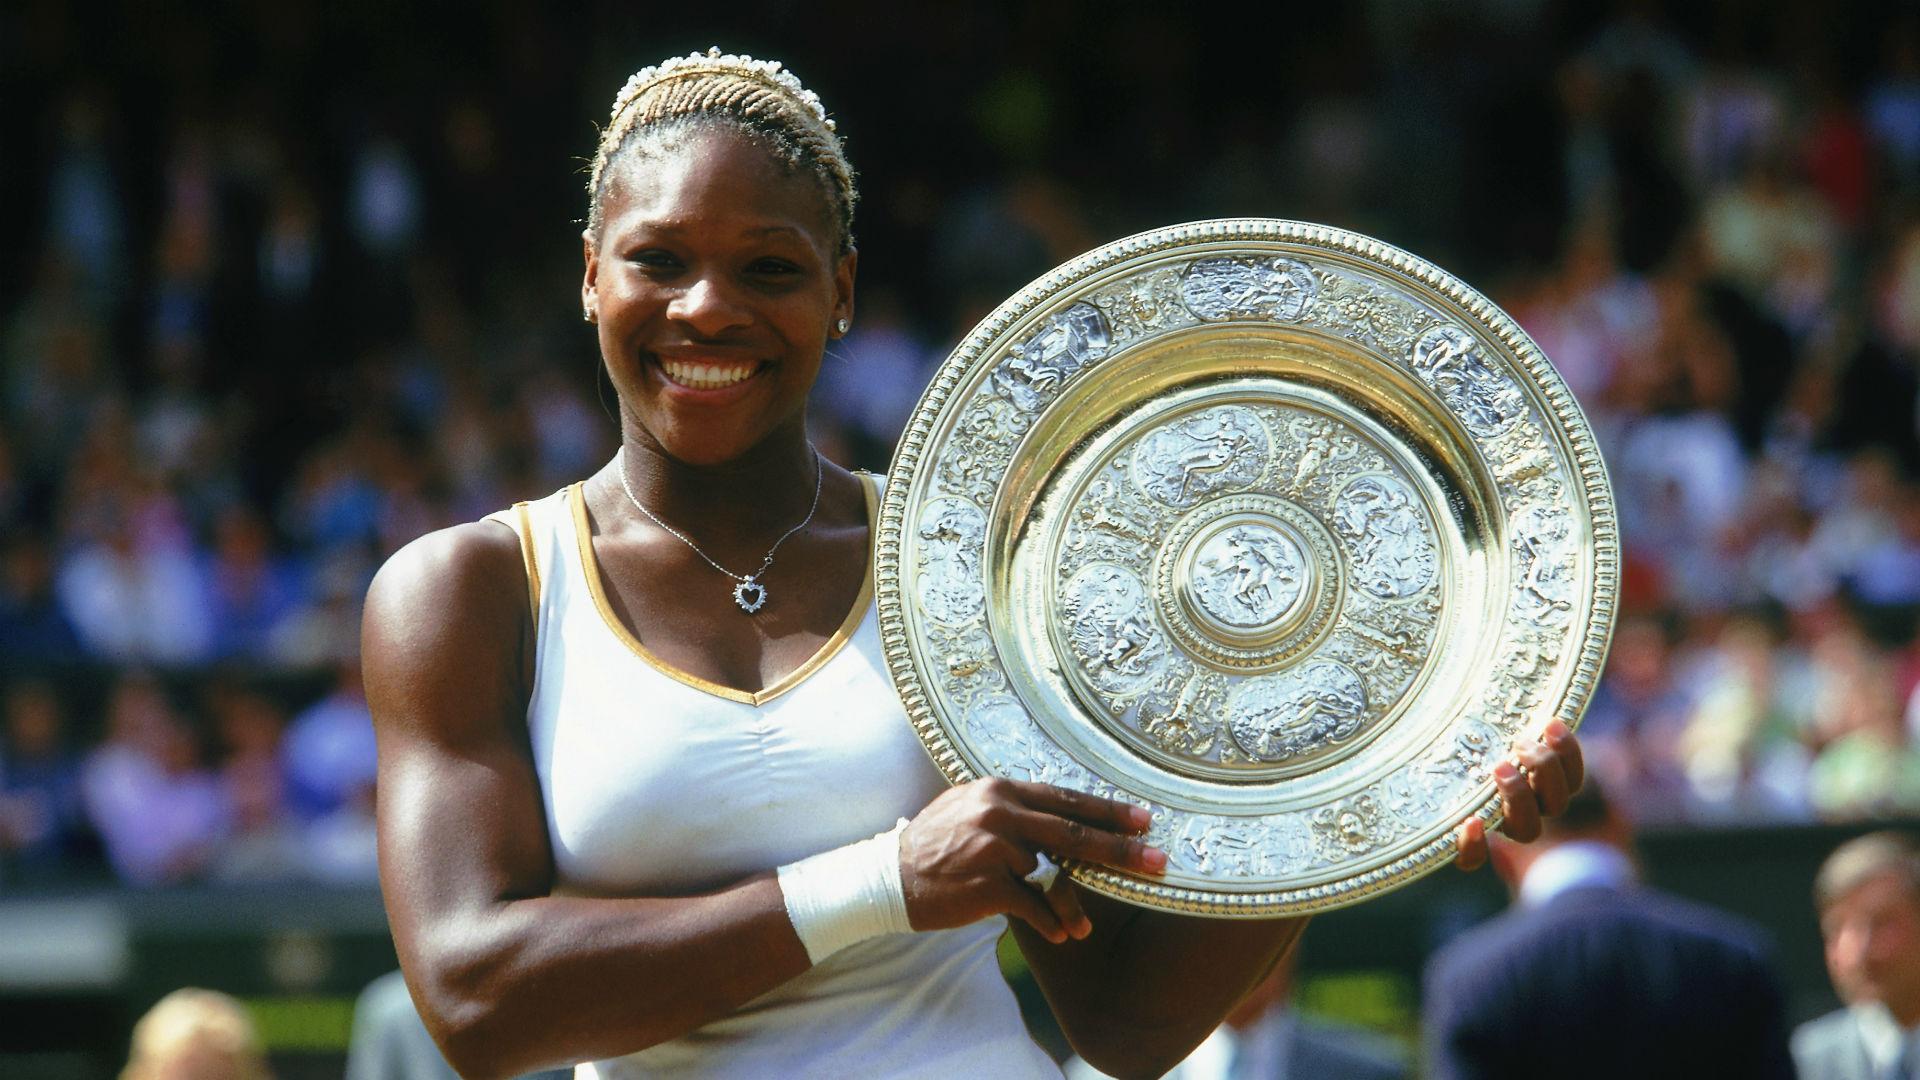 Venus victories to Kerber clash - Serena Williams' seven Wimbledon titles